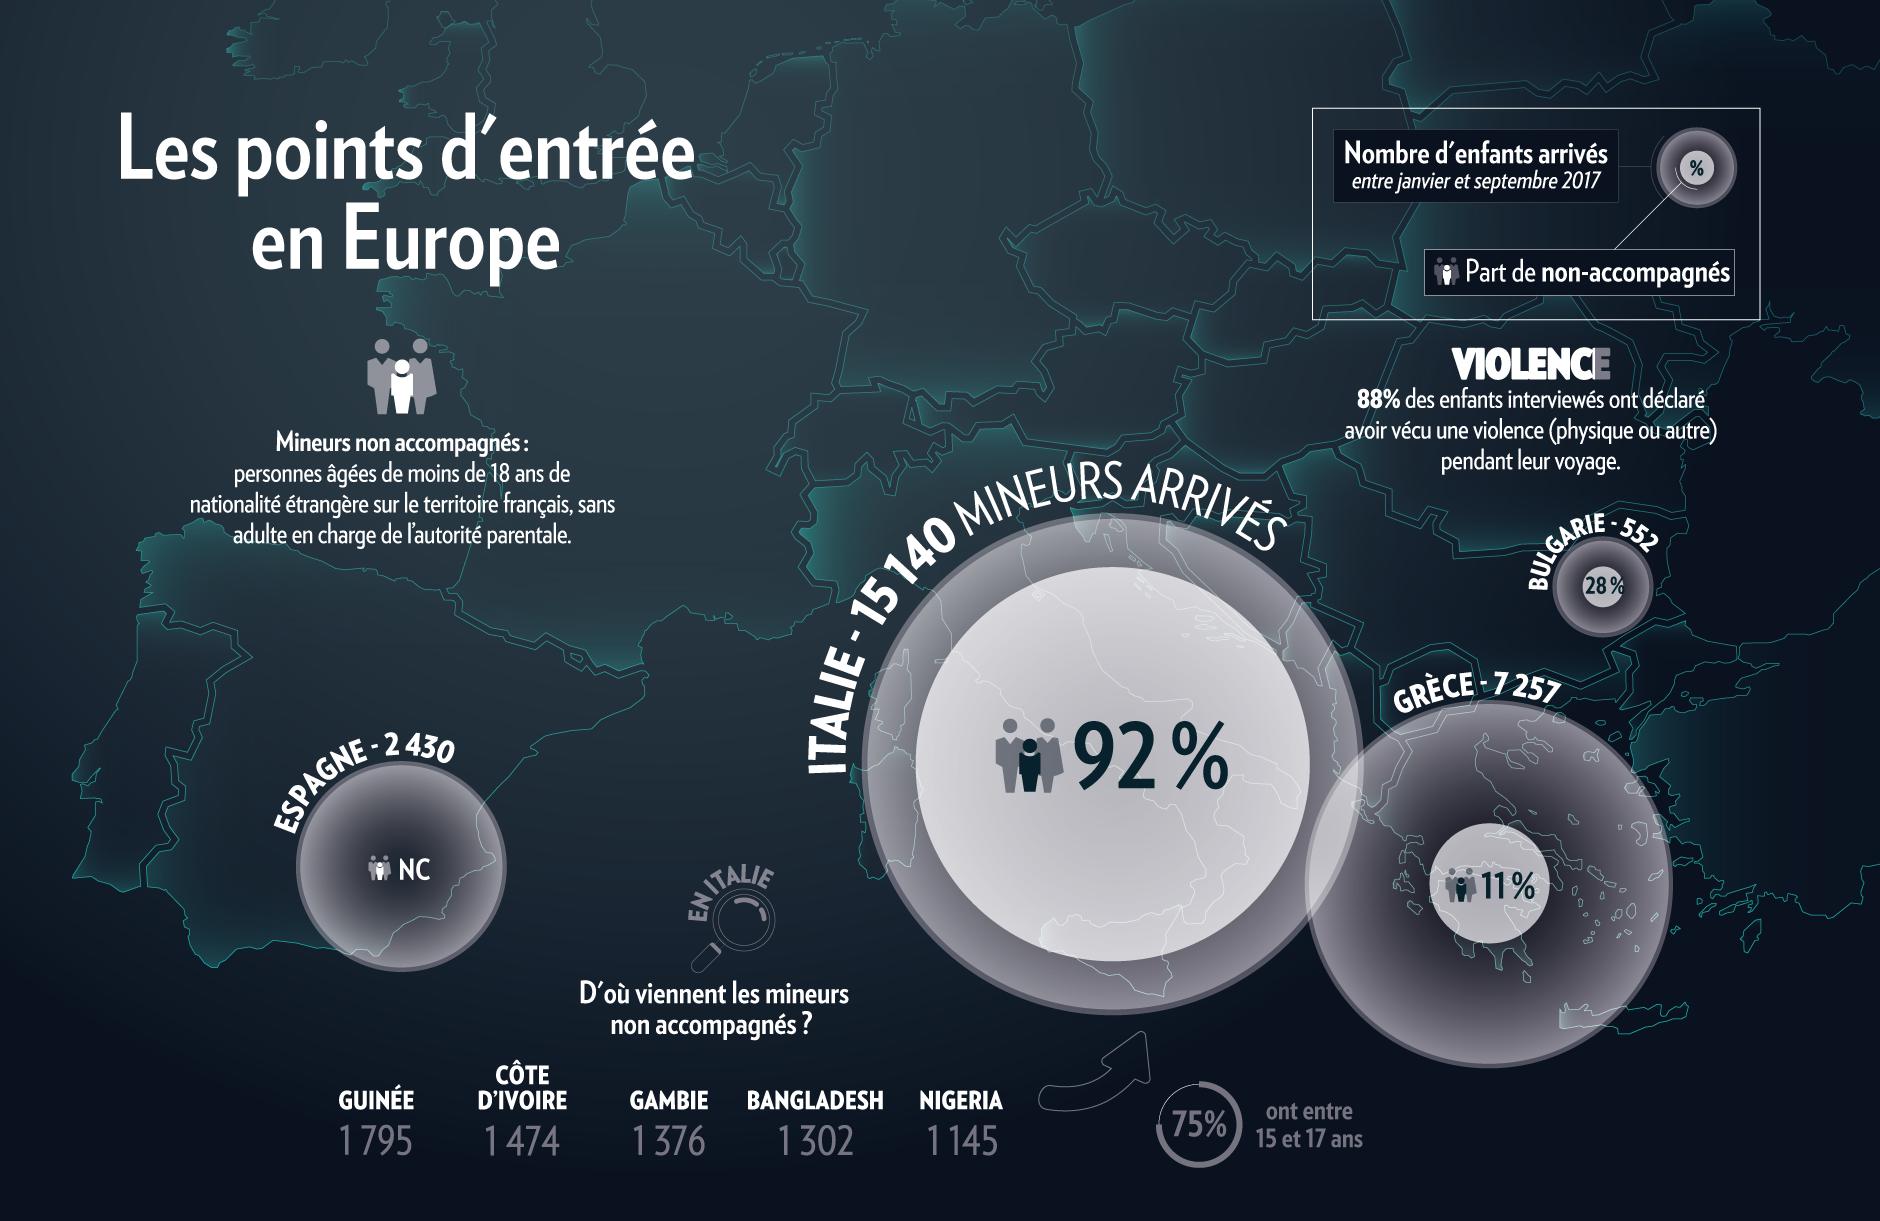 Où arrivent les mineurs en Europe?